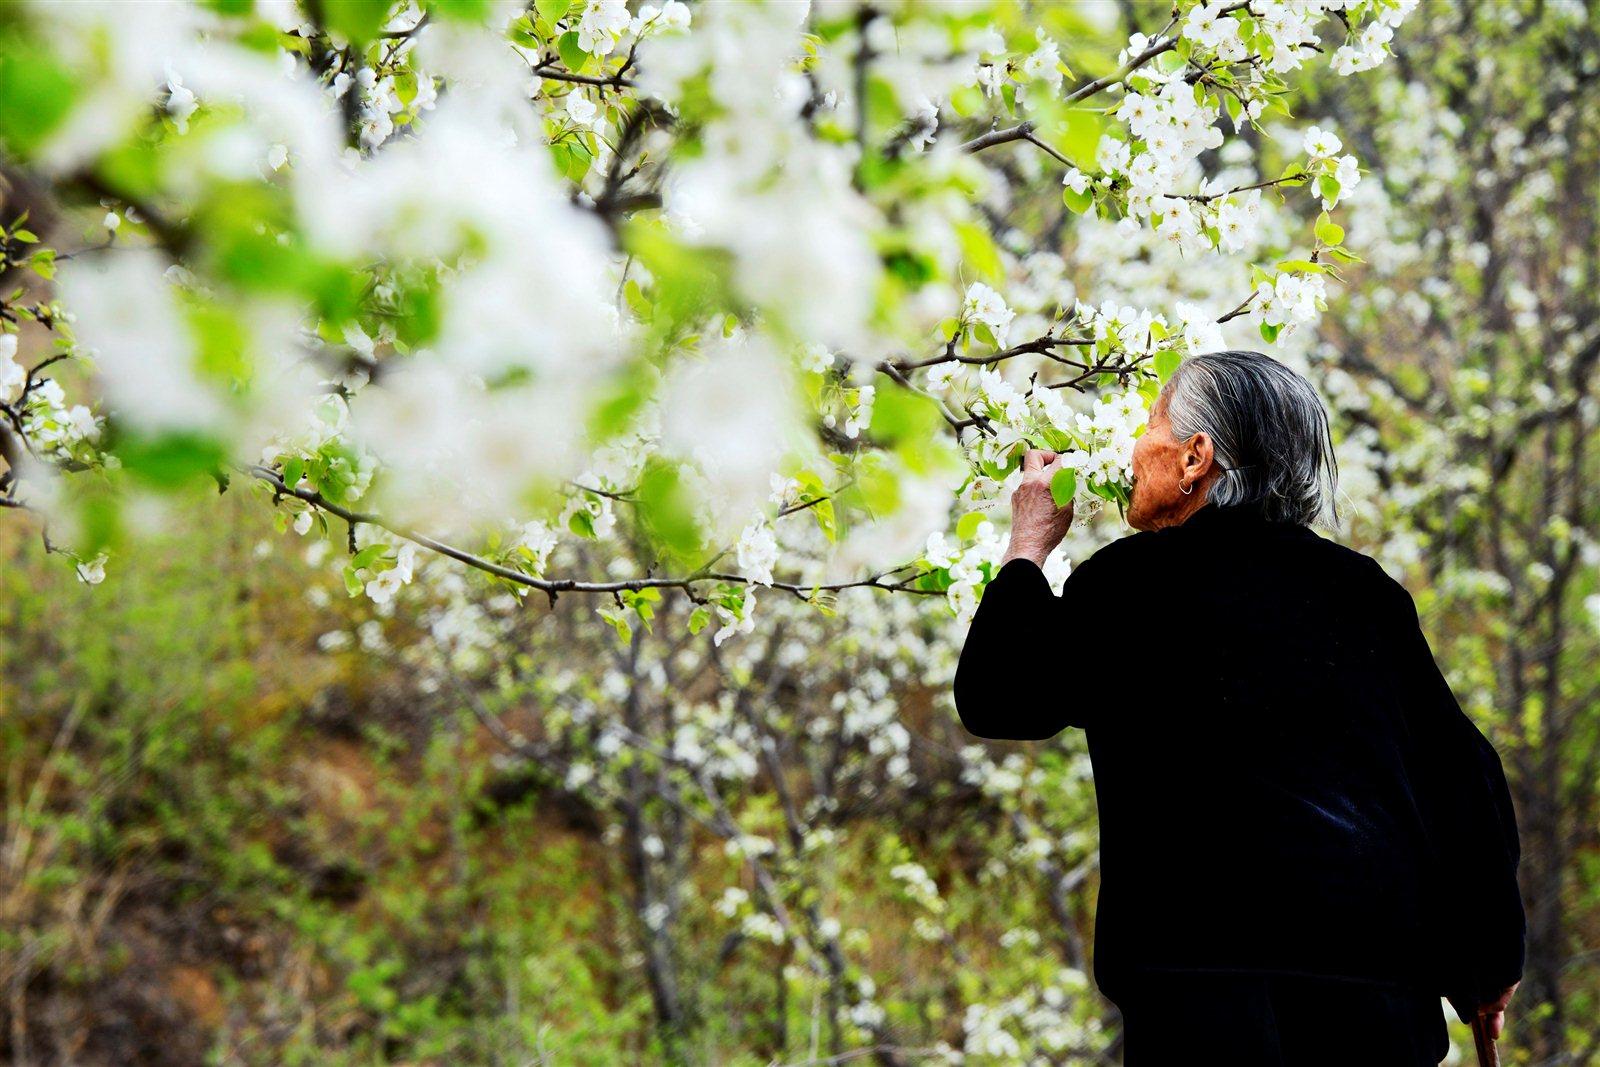 市影协举办《我和春天有约》摄影作品展